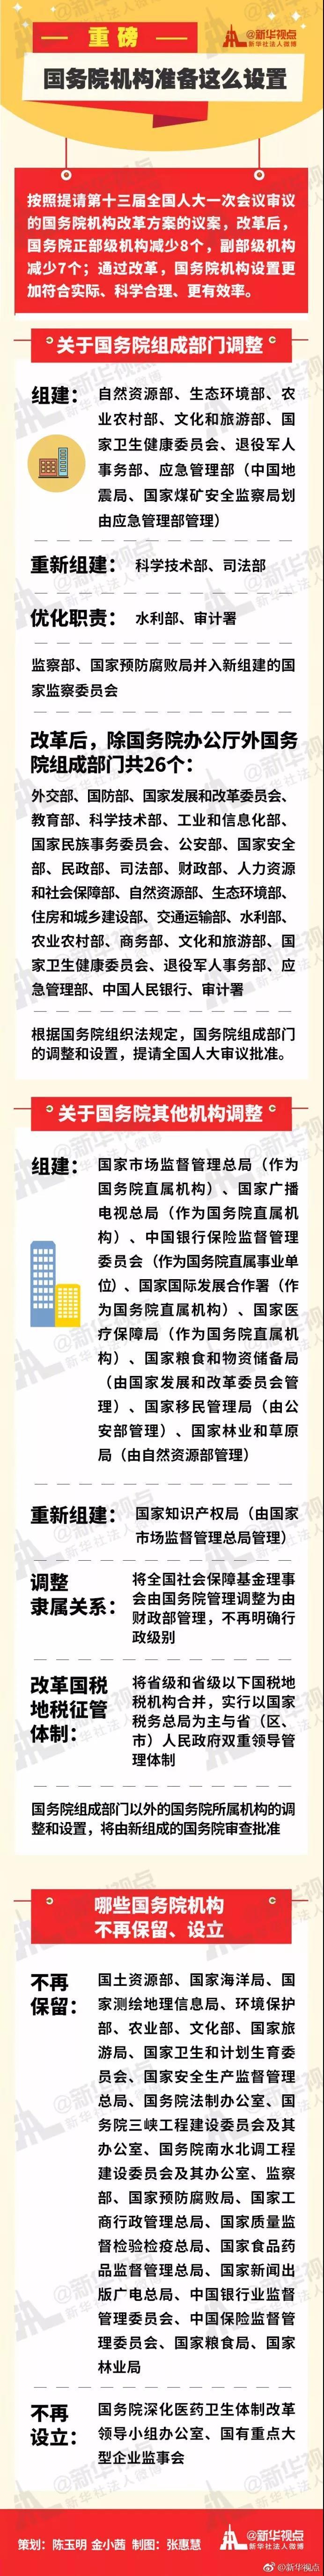 北京赛车pk官网app:正部级机构减少8个,副部级机构减少7个!国务院机构准备这么设置